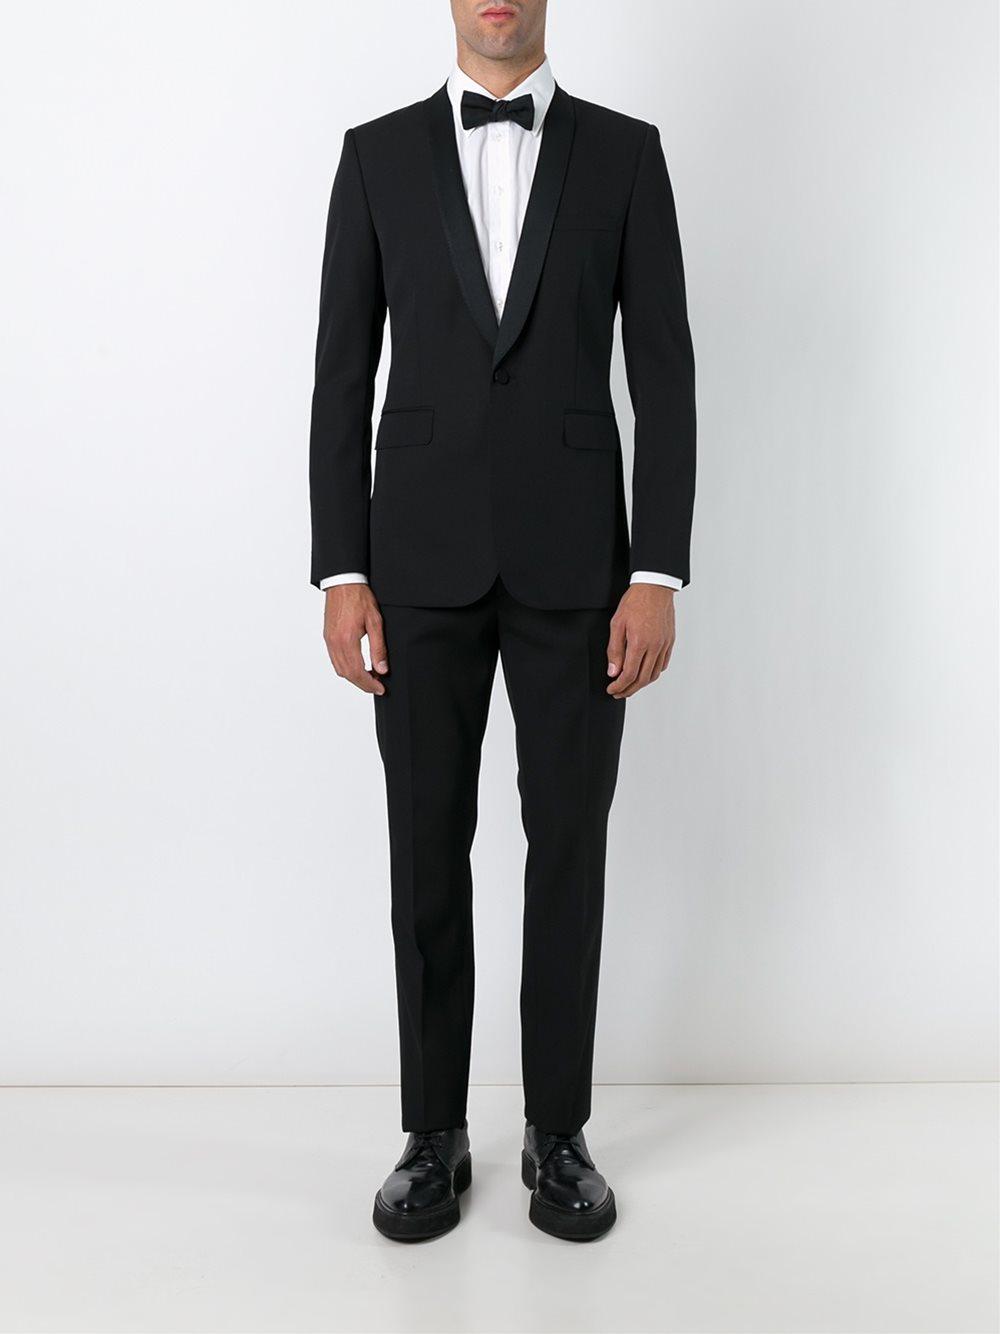 saint-laurent-iconic-le-smoking-suit-2